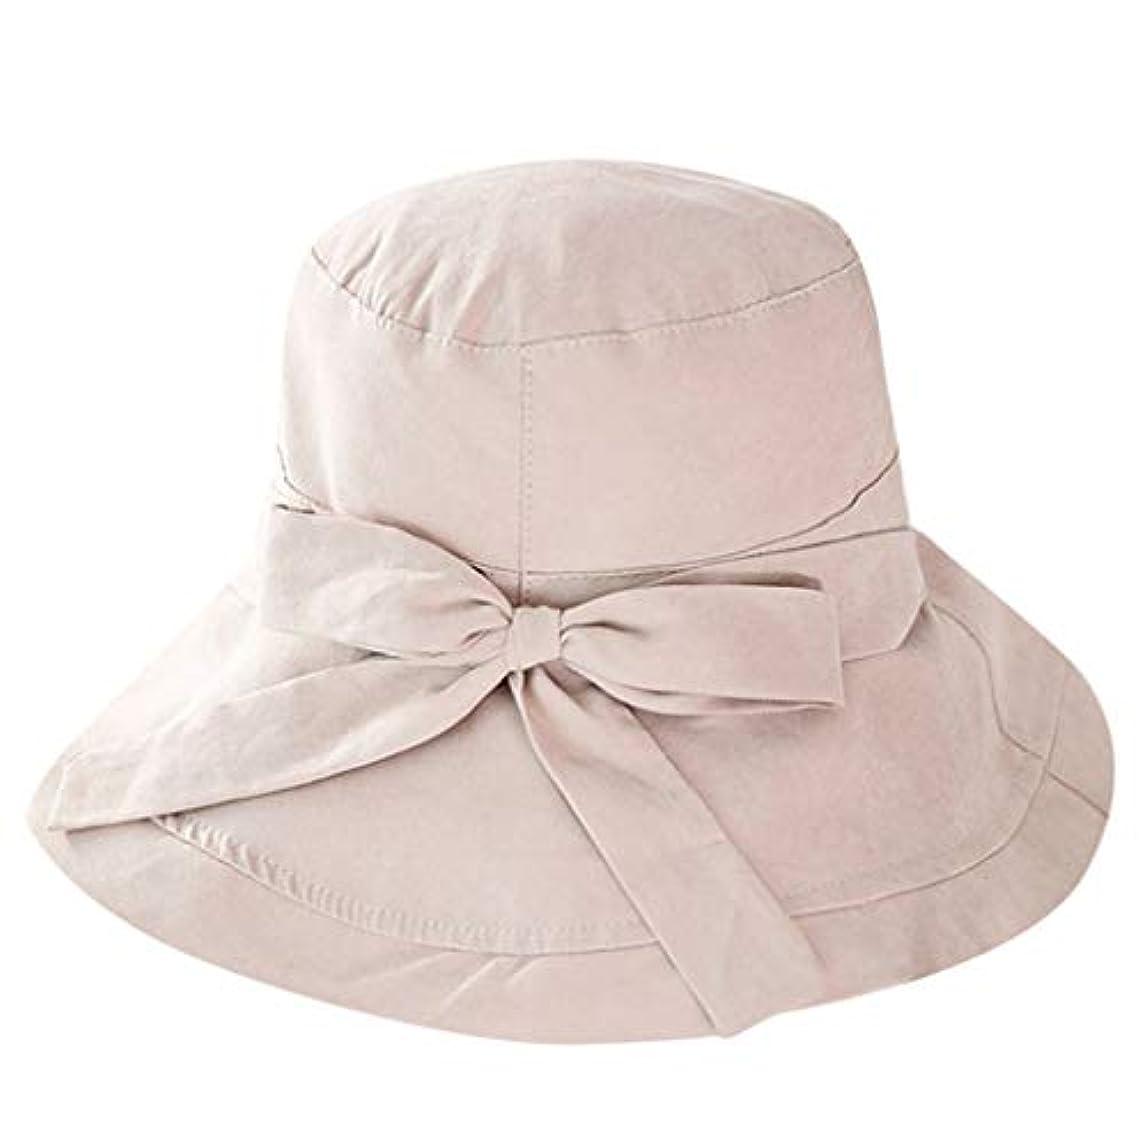 それる原因自然帽子 レディース 夏 綿 つば広い おしゃれ シンプル カジュアル UVカット 帽子 ハット レディース おしゃれ 可愛い 夏 小顔効果 折りたたみ サイズ調節可 蝶結び 森ガール オールシーズン ROSE ROMAN